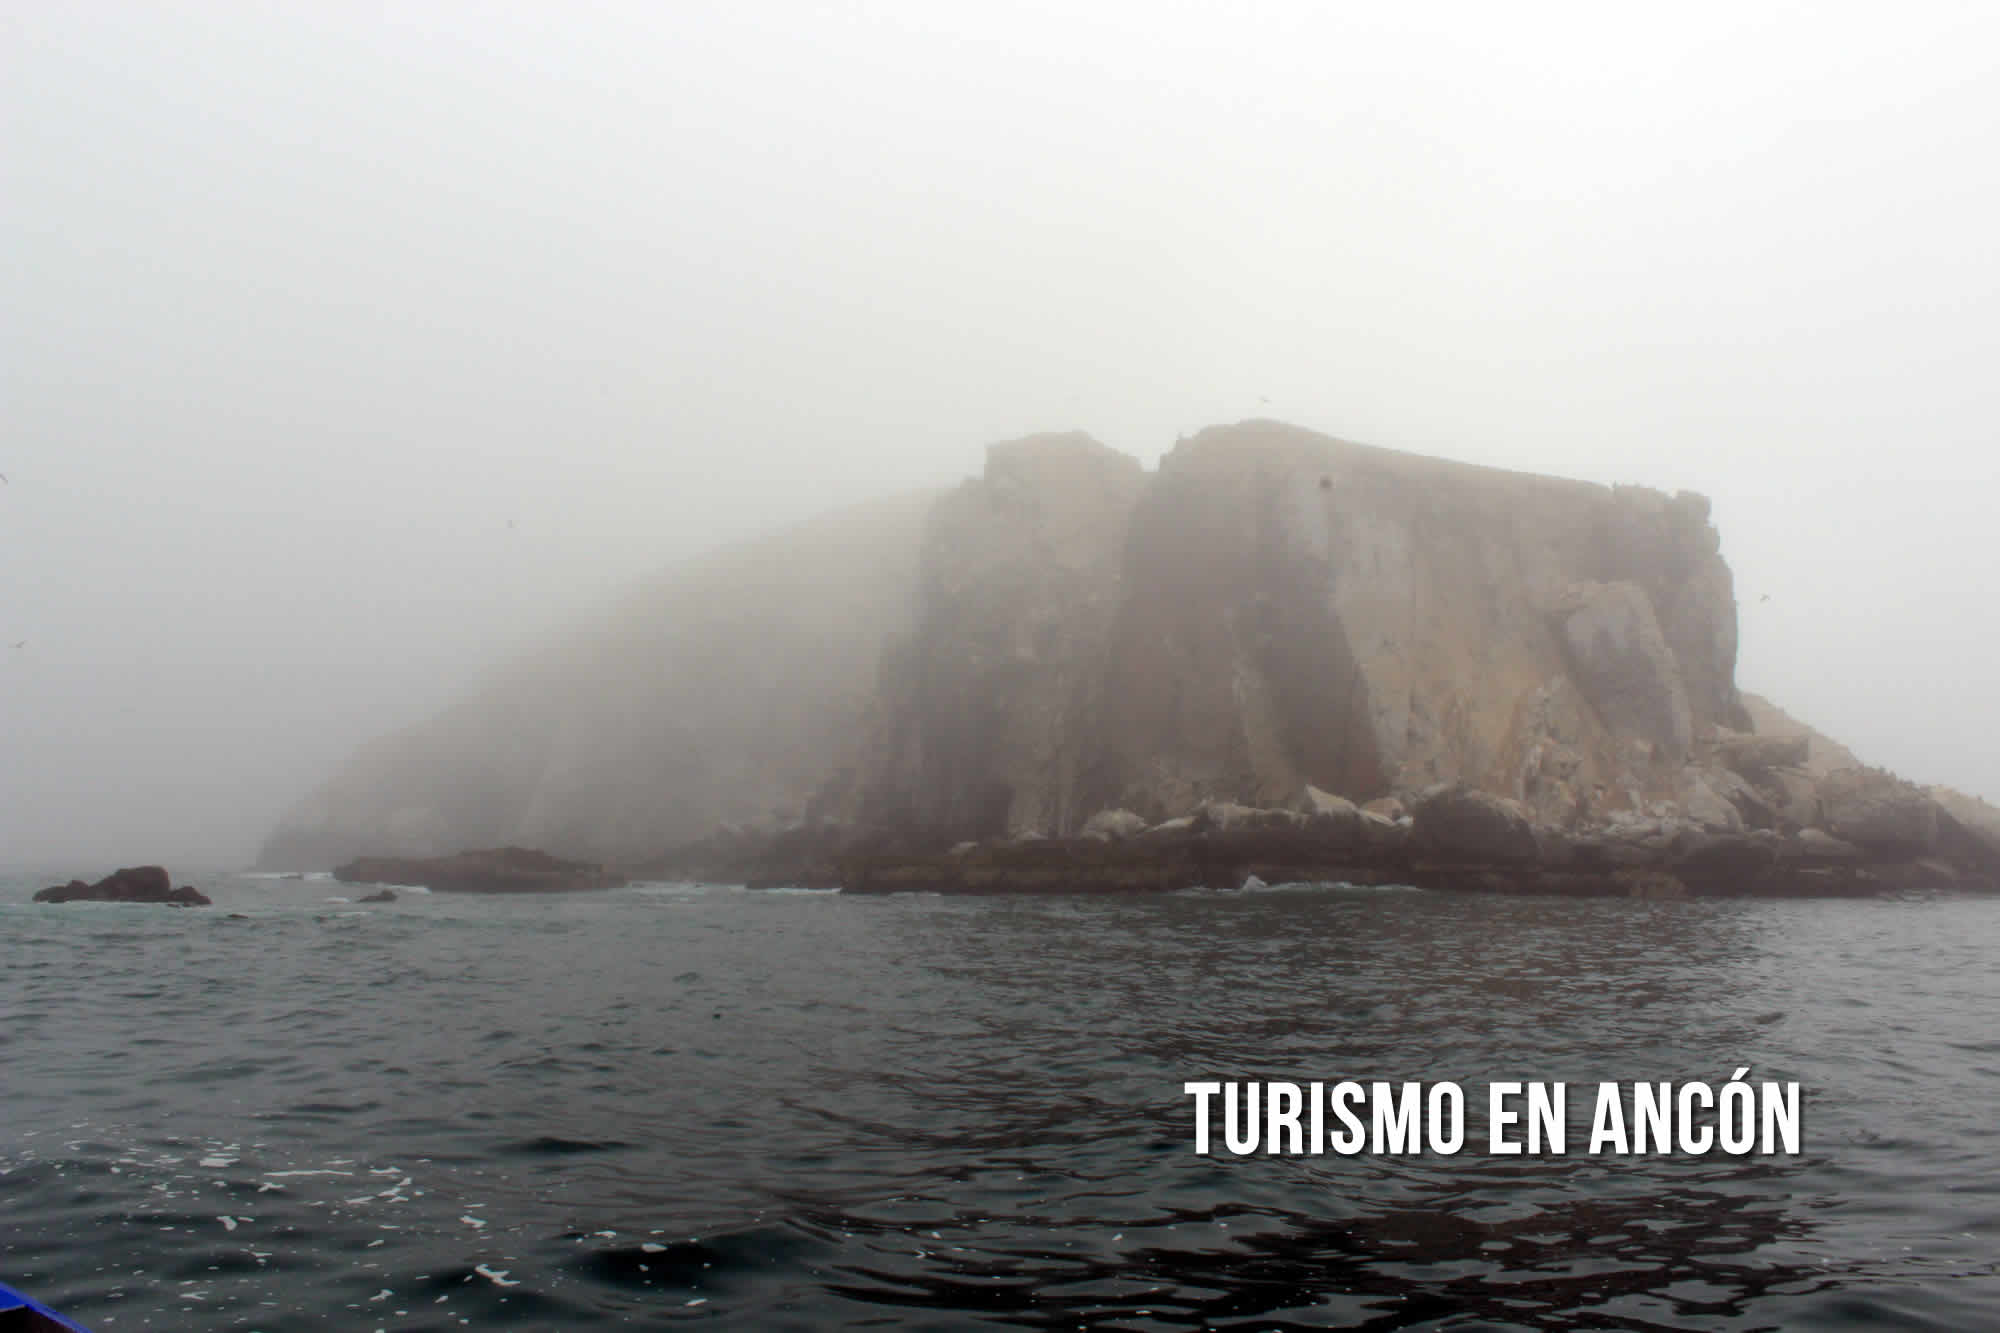 TURISMO EN ANCON | DIA DE VIAJE Y AVENTURA